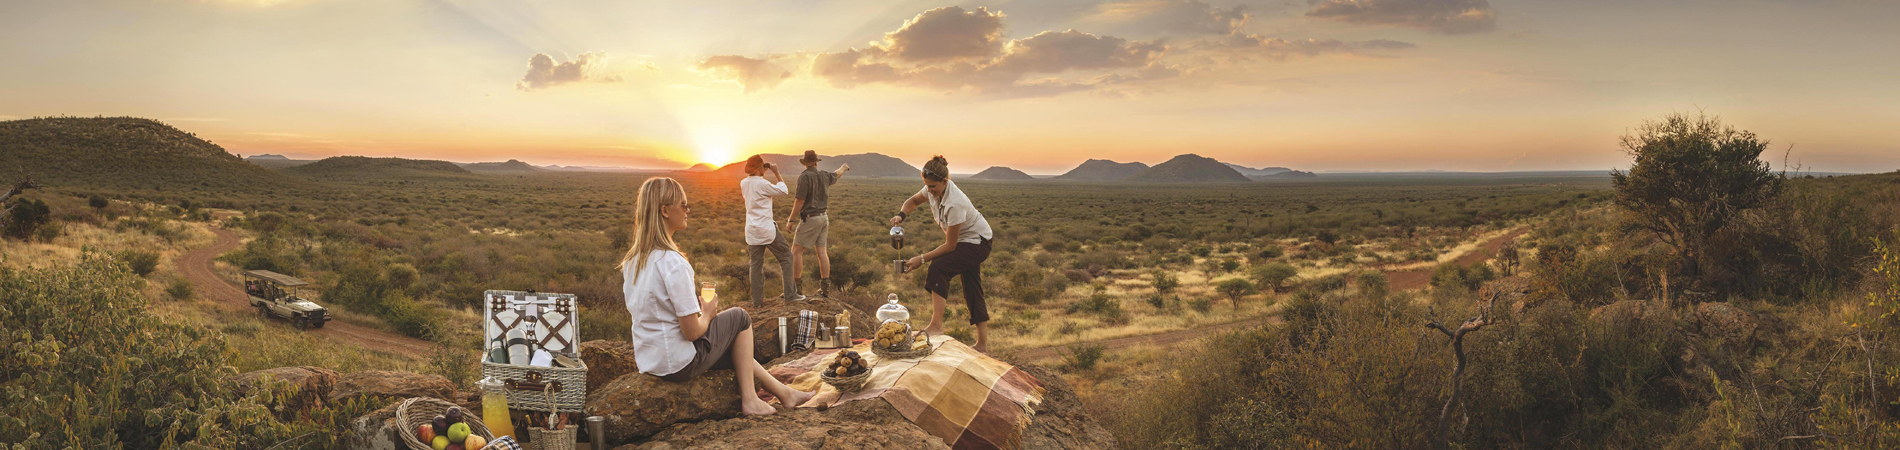 Bush picnic at sunset